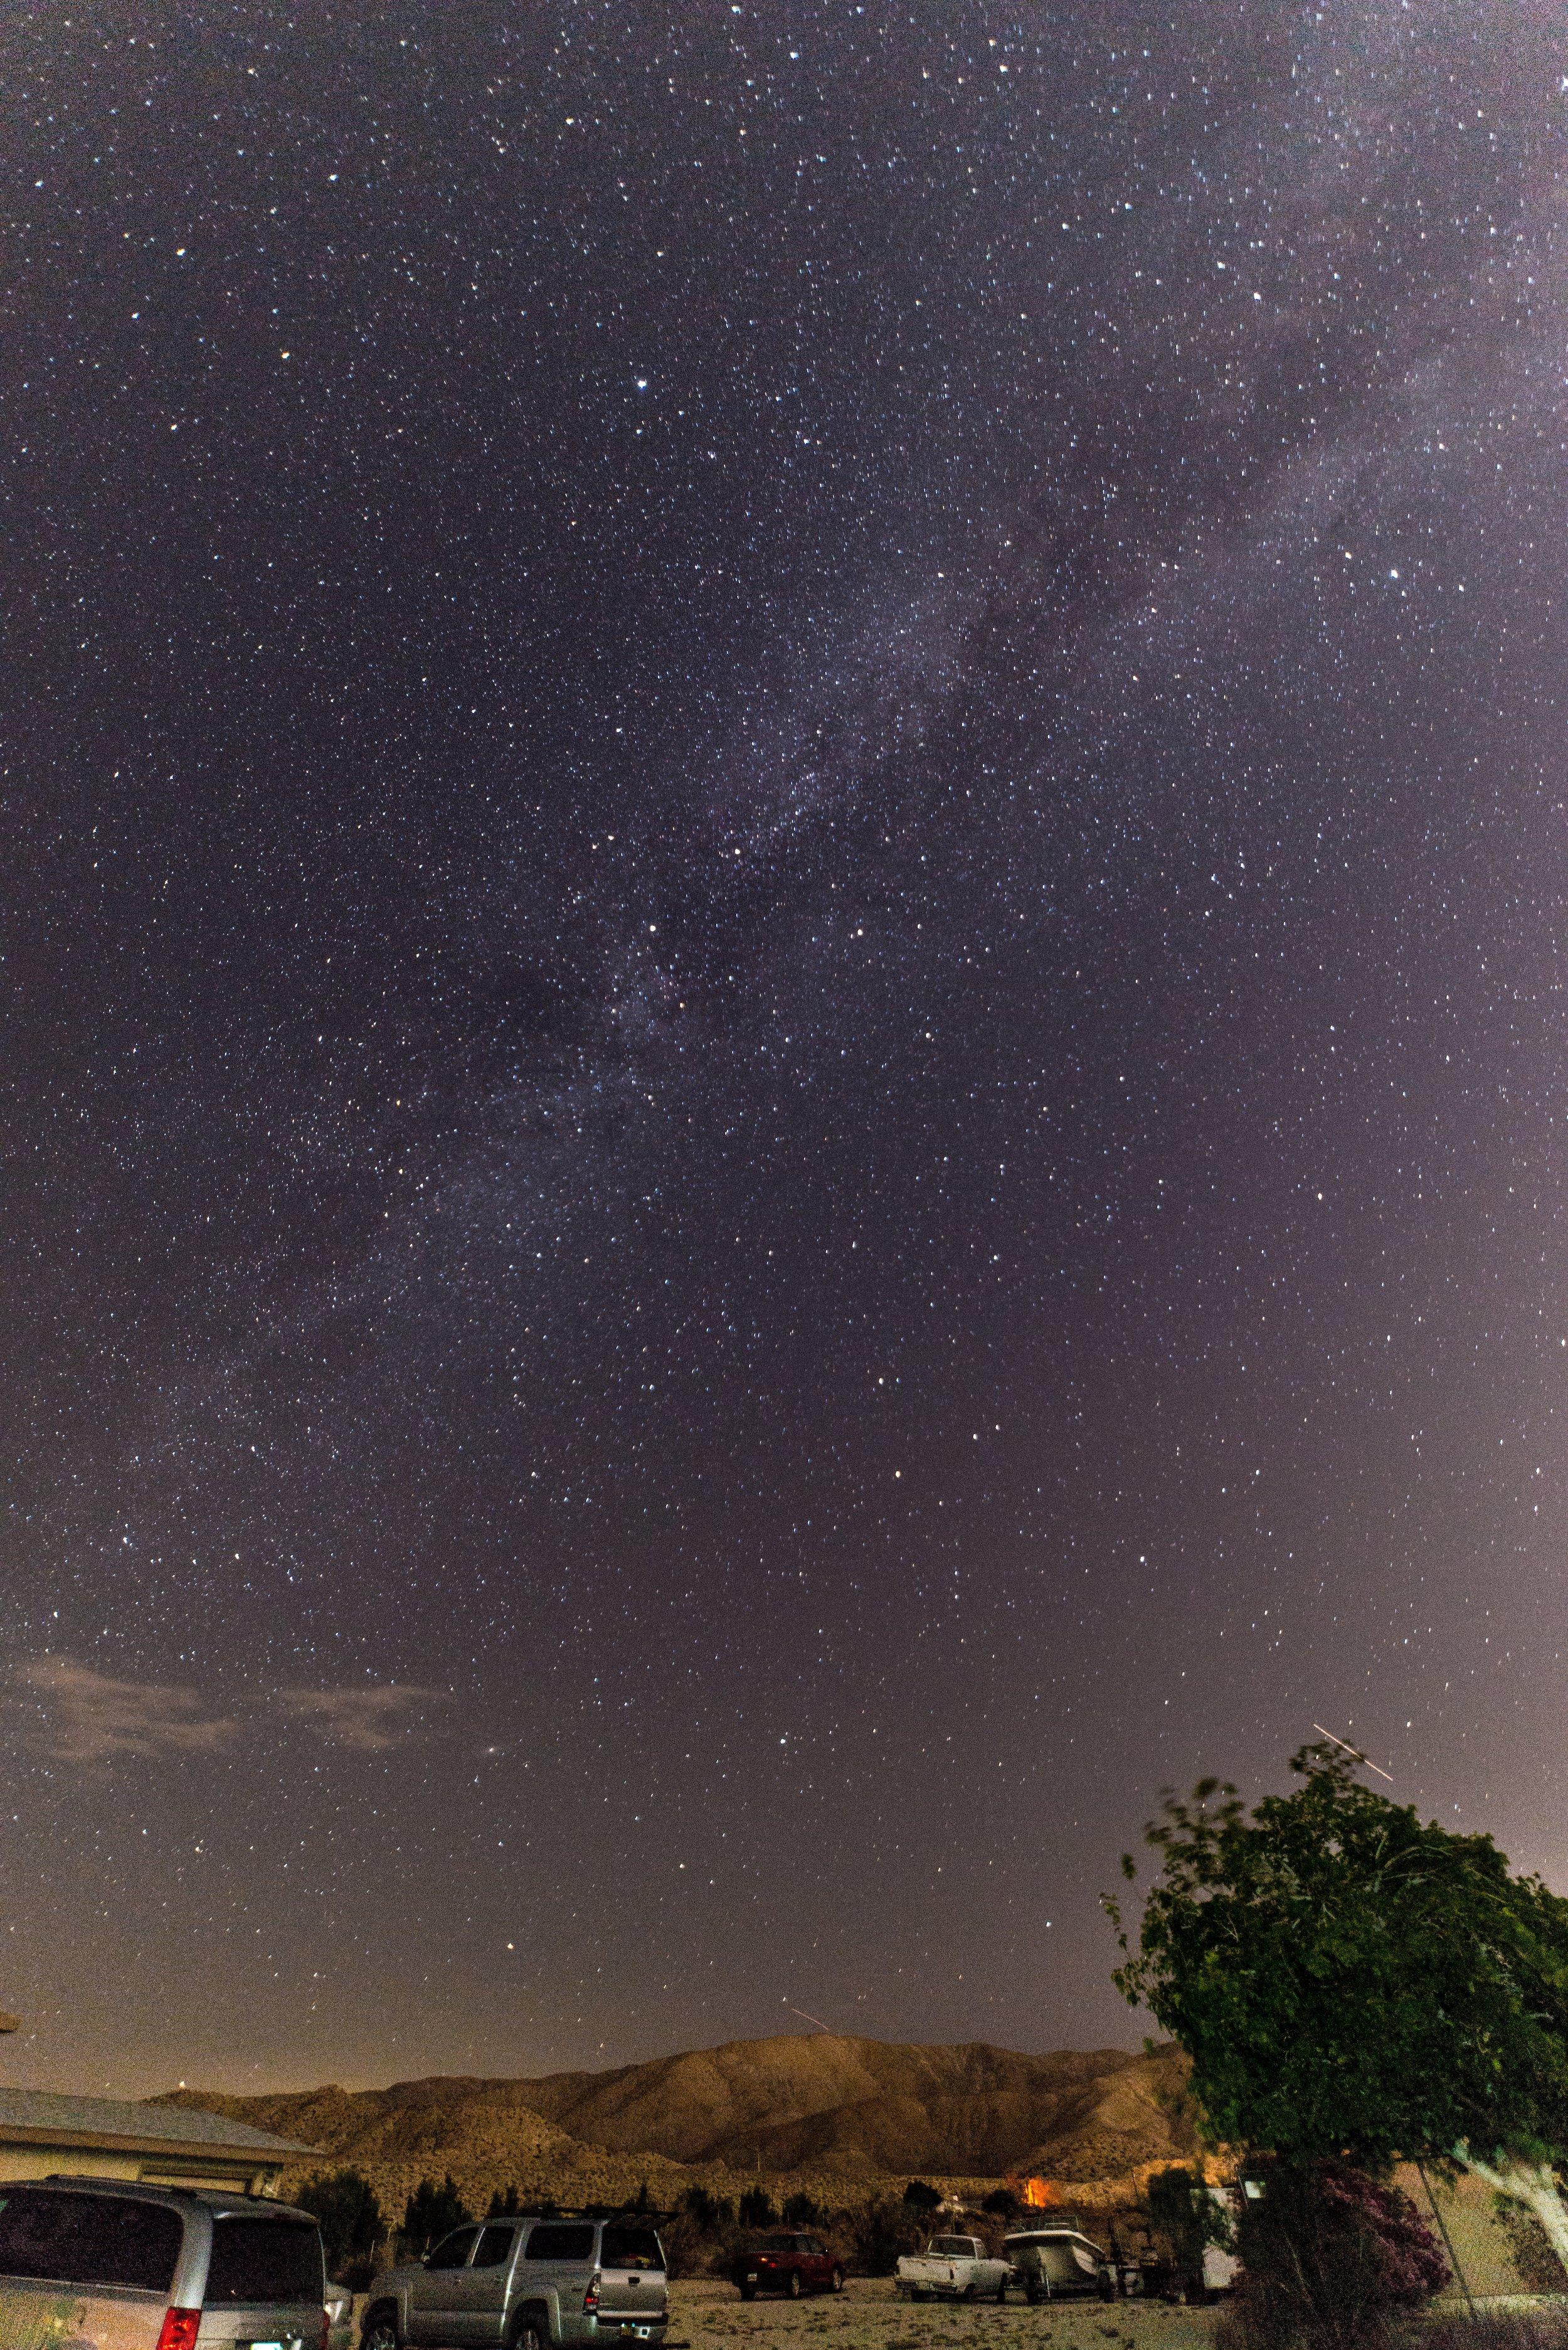 Sky Valley - D800 w/ Irix 15mm f2.4 - 30 sec. @ F2.5